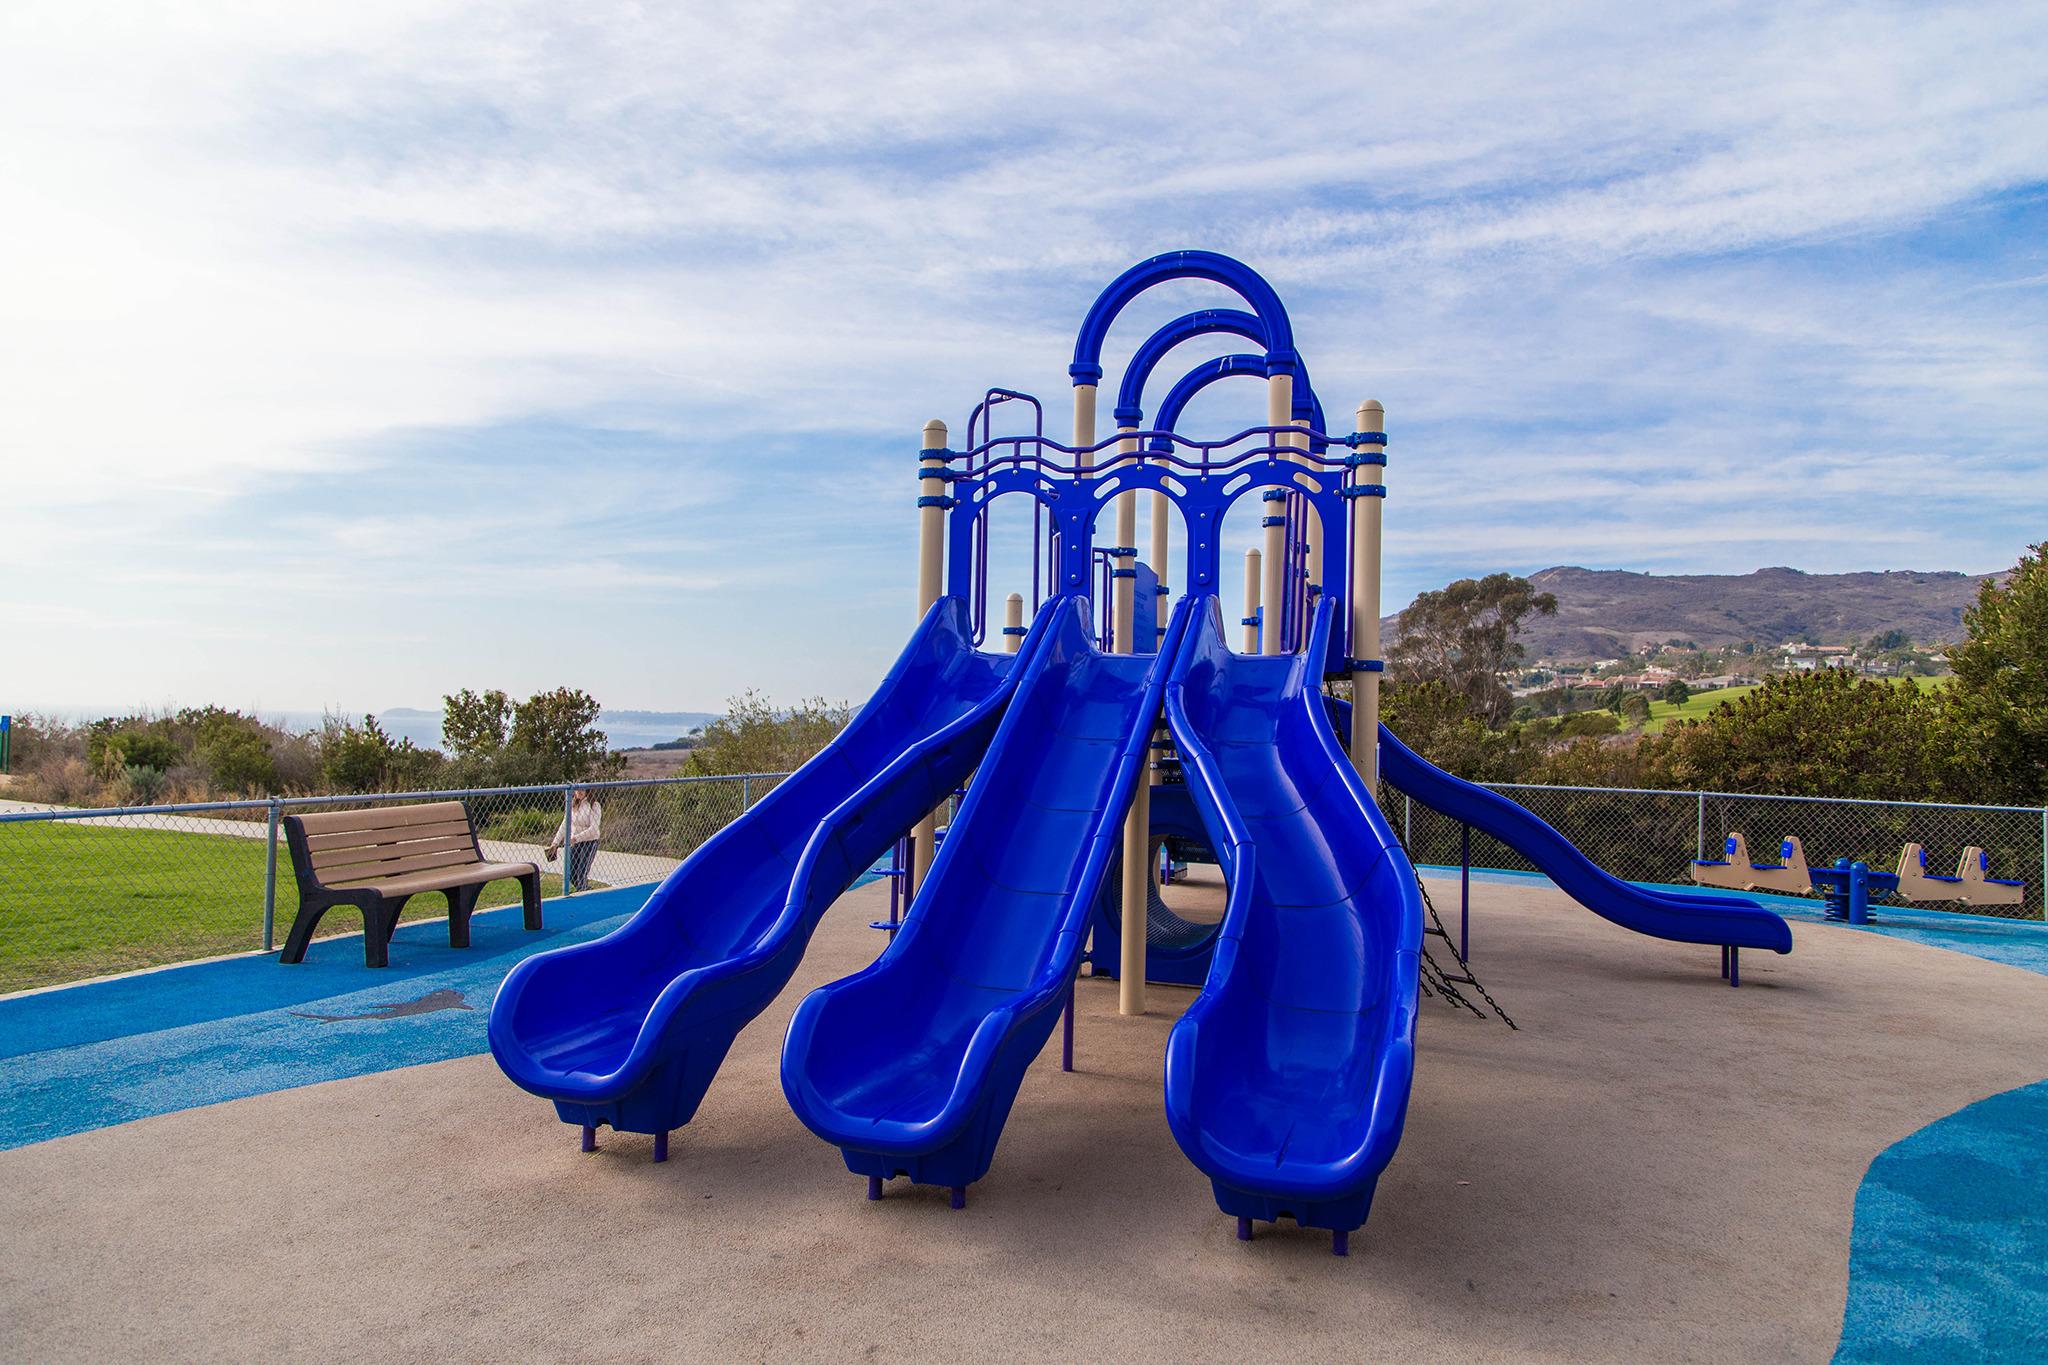 Malibu Bluffs Park (Malibu)